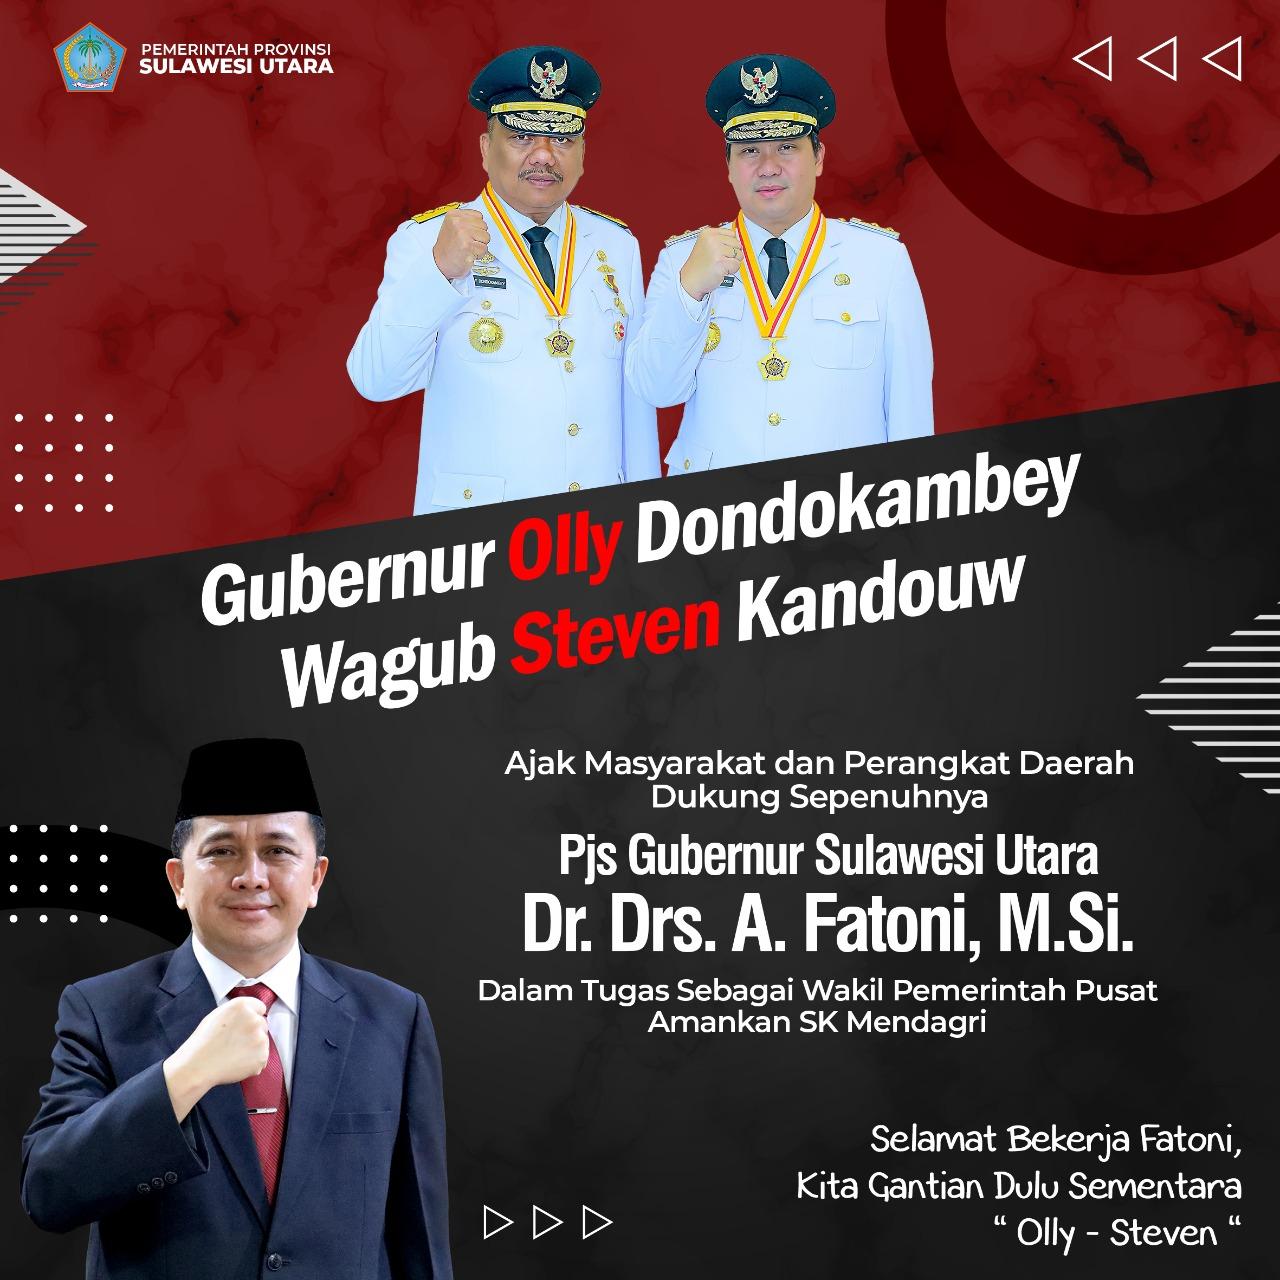 Gubernur Olly Dondokambey & Wagub Steven Kandouw Ajak Masyarakat & Perangkat Daerah Dukung PJG Gubernur Sulawesi Utara